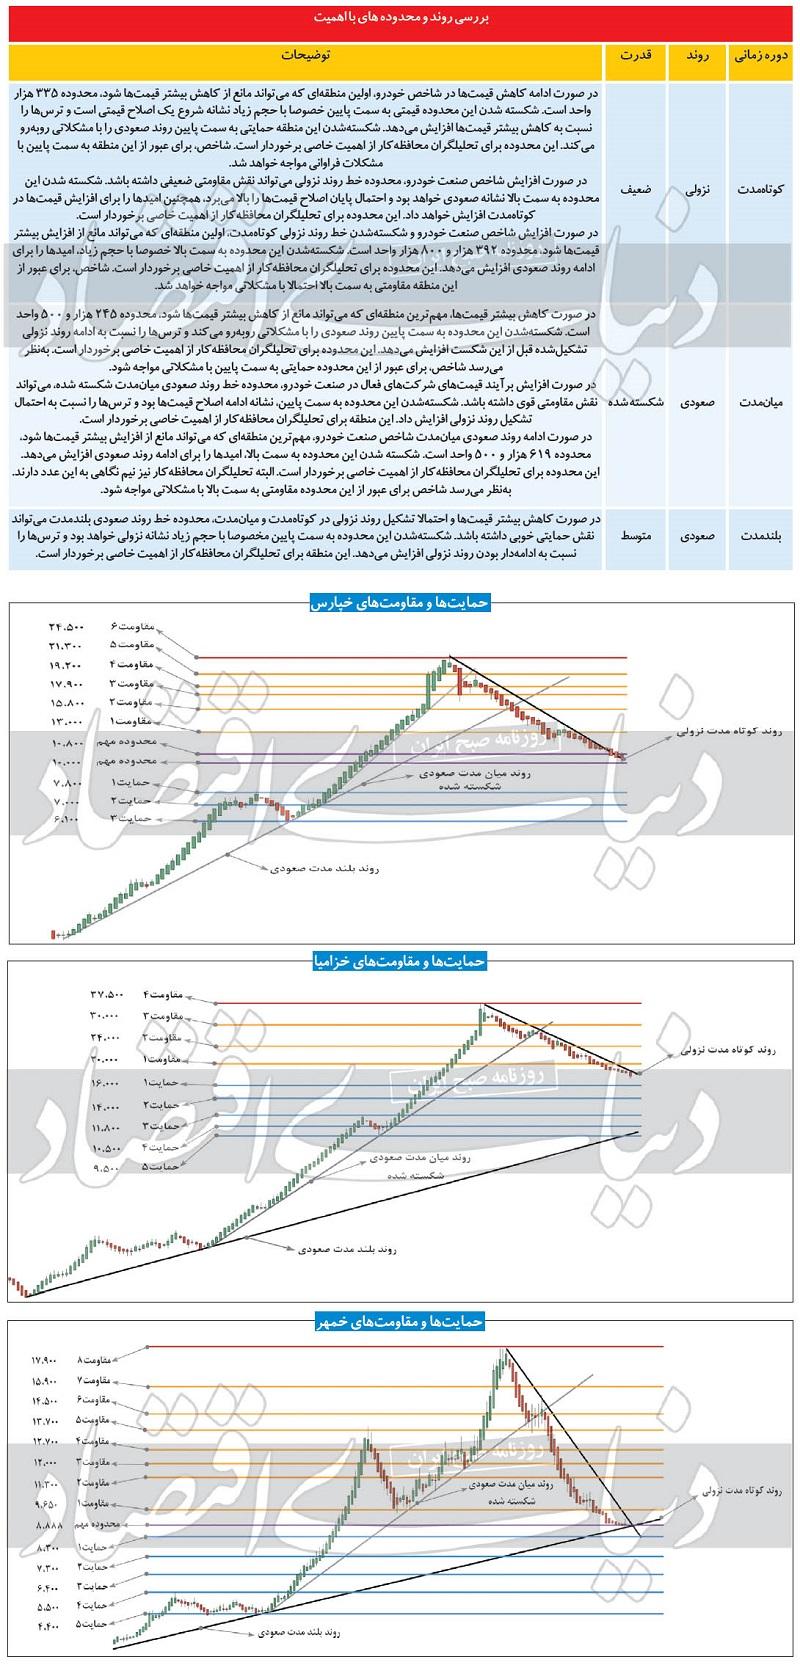 تحلیل زیر و بم نمادهای خودرویی بورس / سهام خودرویی چقدر ارزنده هستند؟